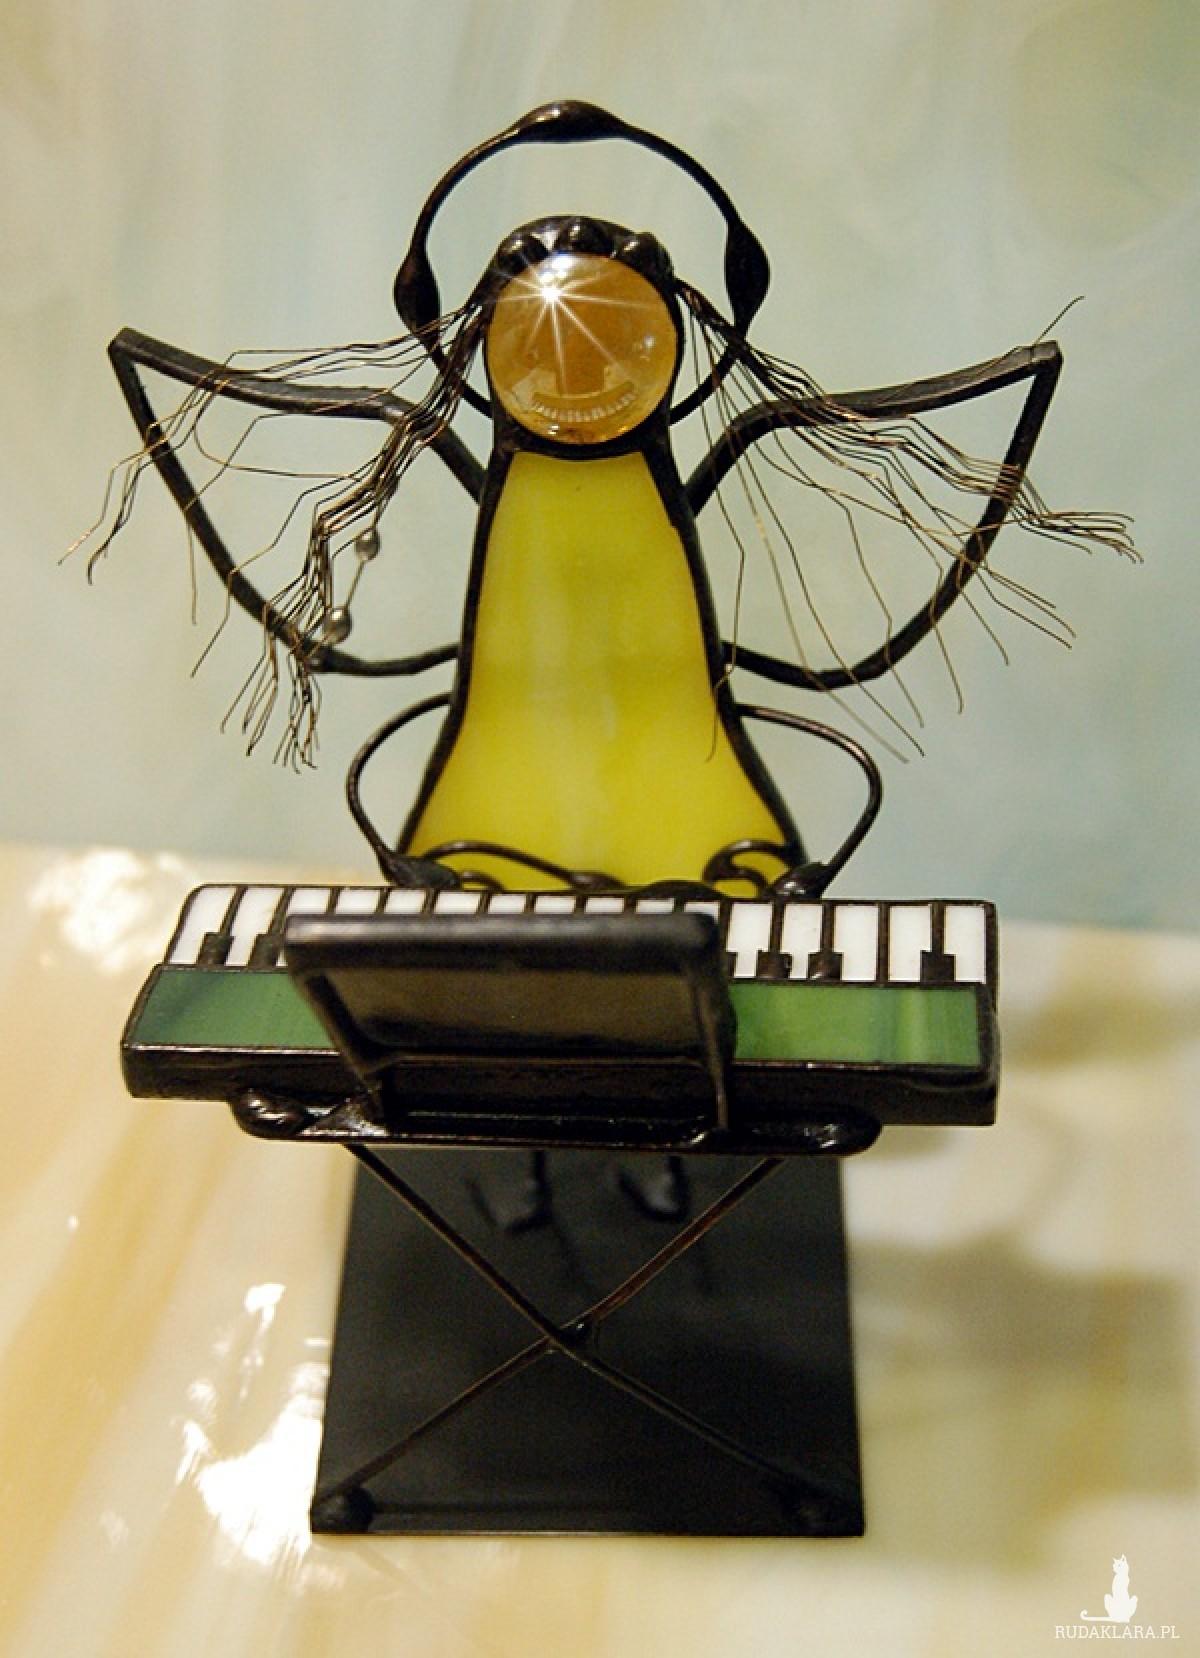 Aniołek witrażowy 3D  pianista